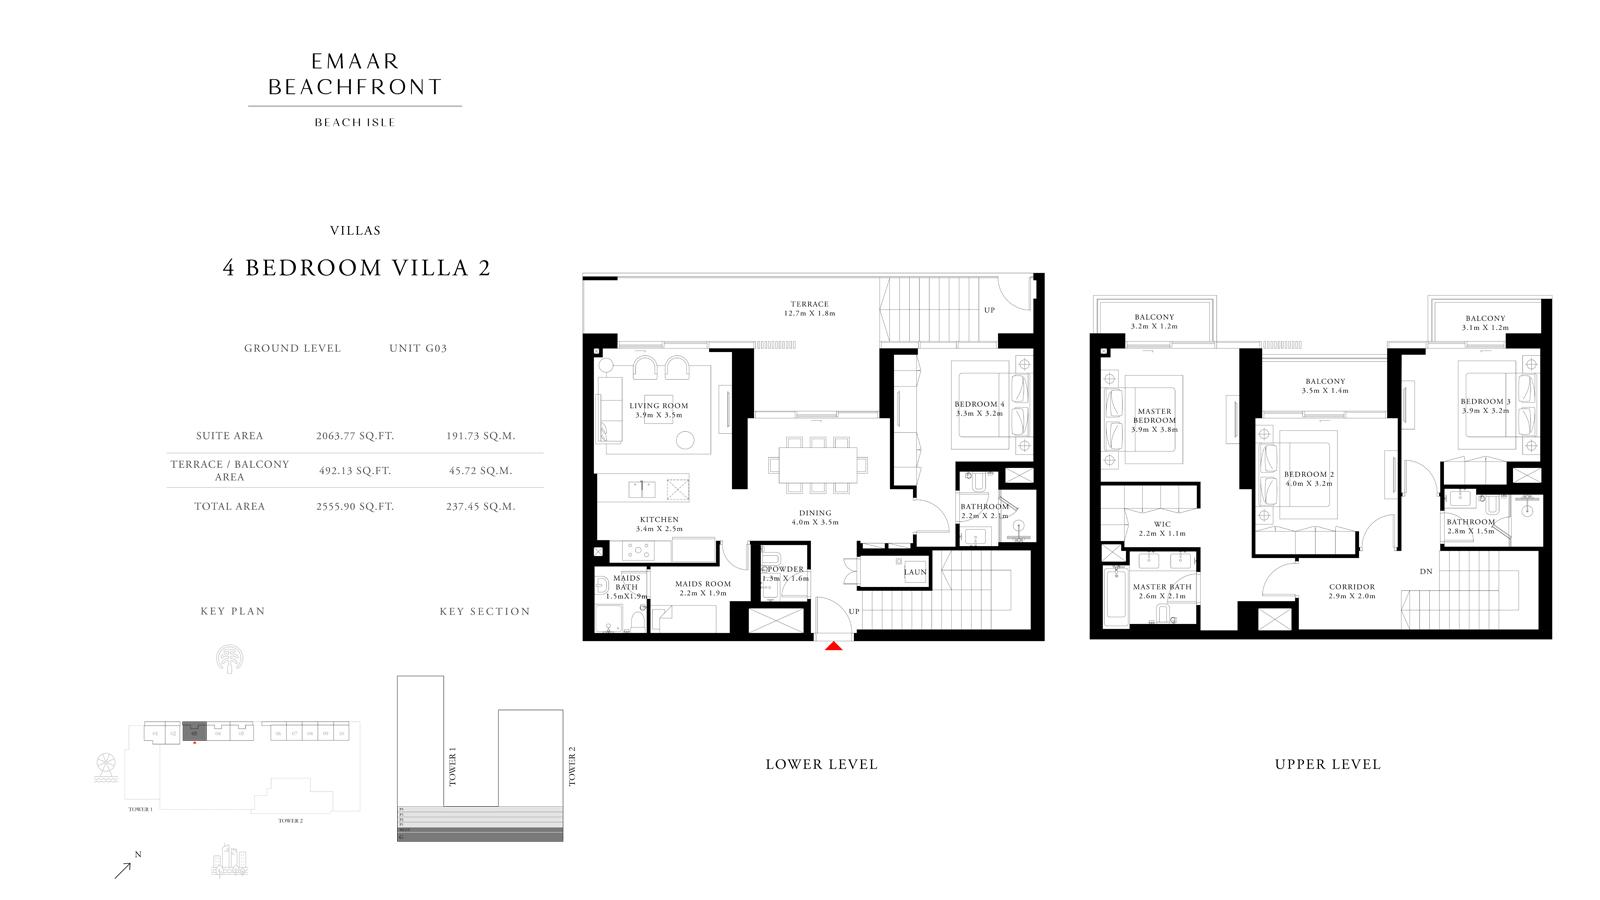 4 Bedroom Villas 2, Size 2555    sq. ft.